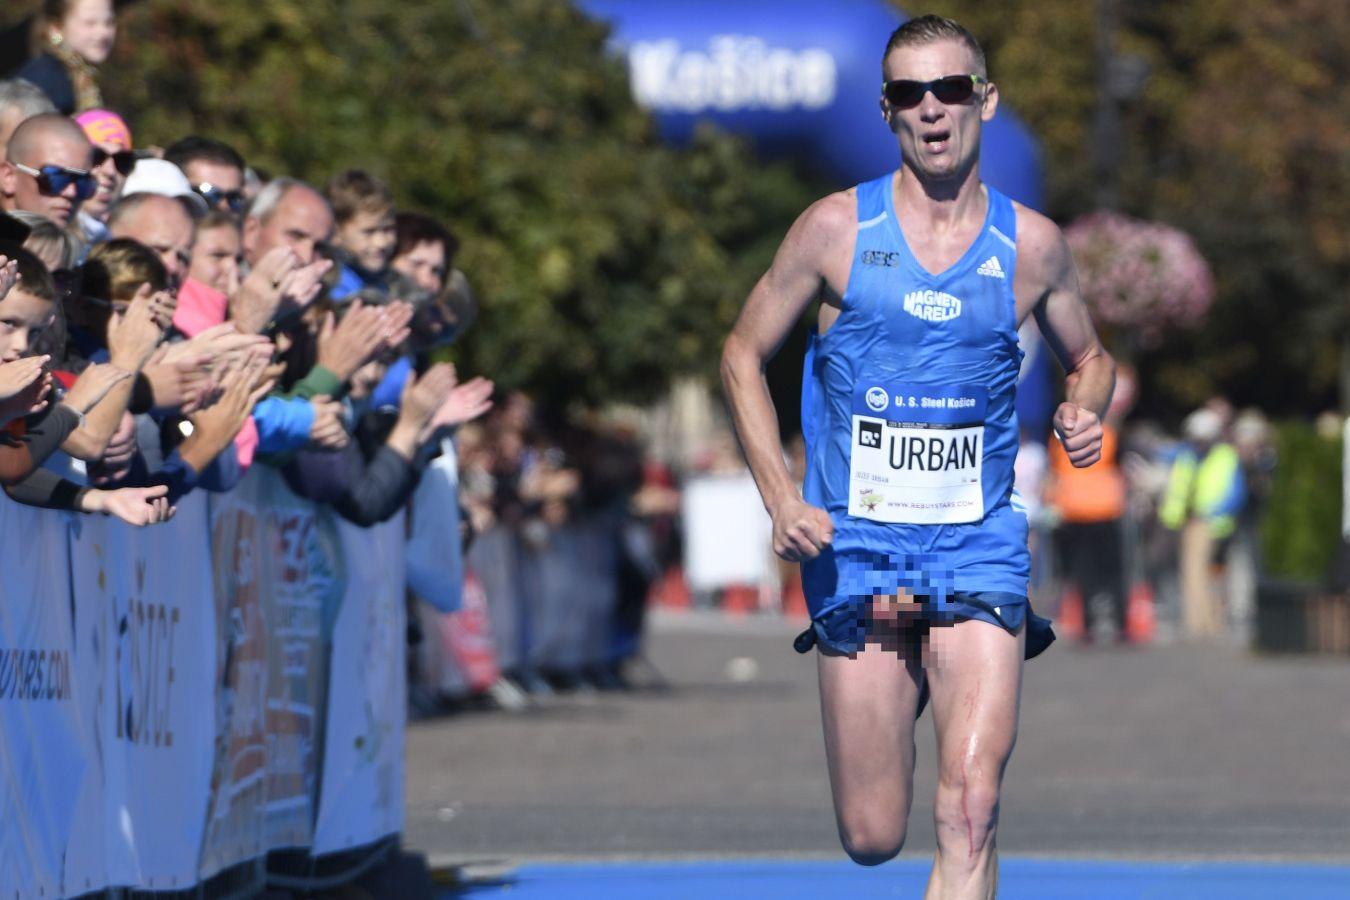 Maratonista video desnudo Eslovaquia Kosice Peace pene al aire